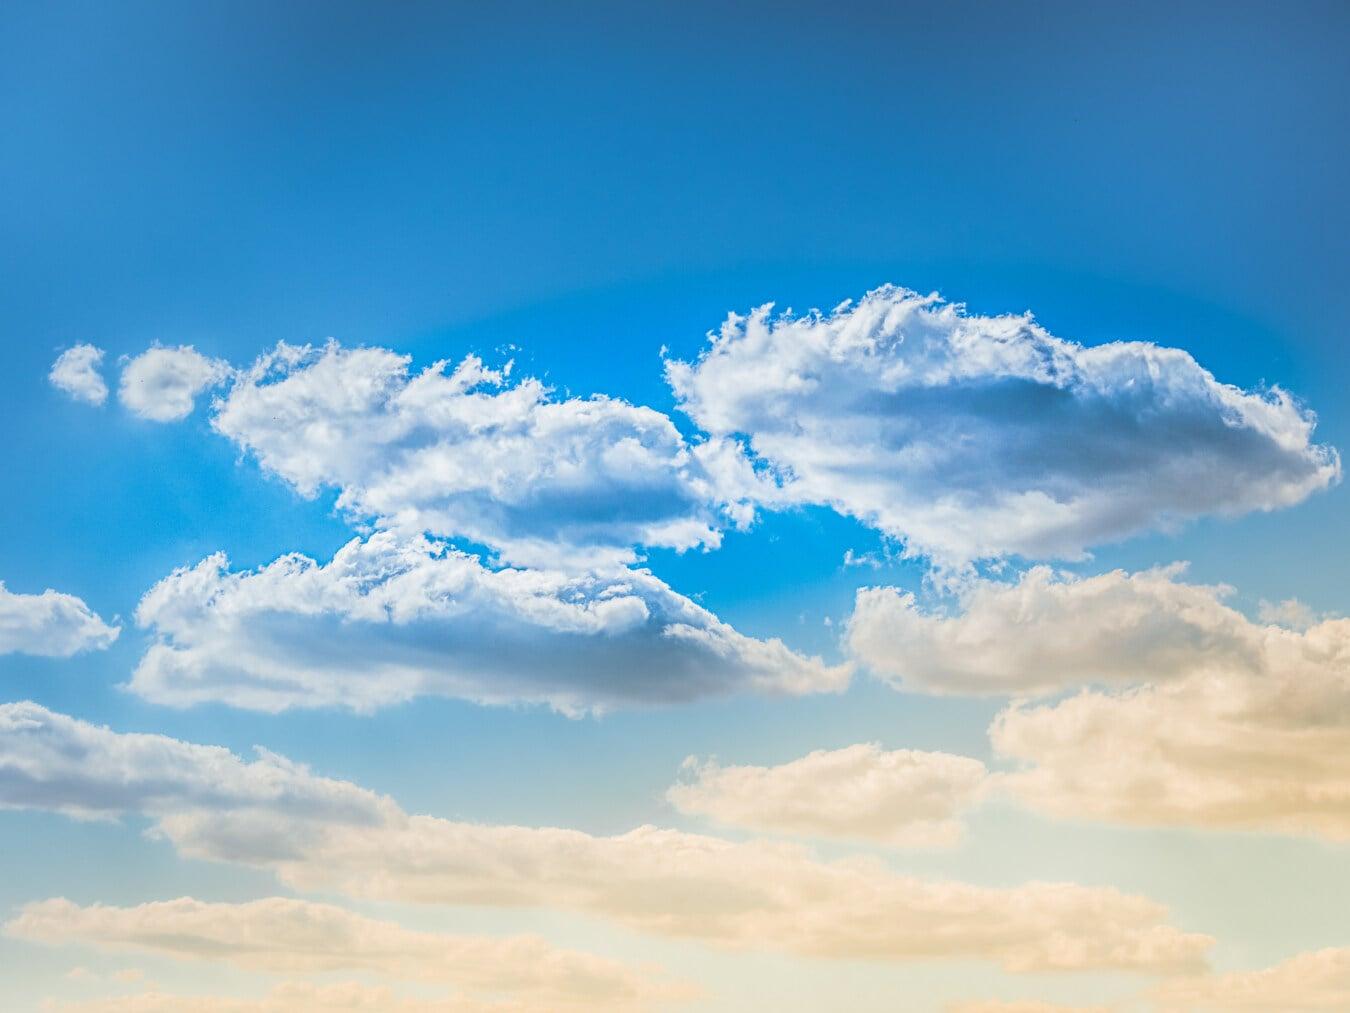 blauer Himmel, Wolken, Atmosphäre, Klima, Ozon, bewölkt, Meteorologie, Wetter, Sonne, bewölkt